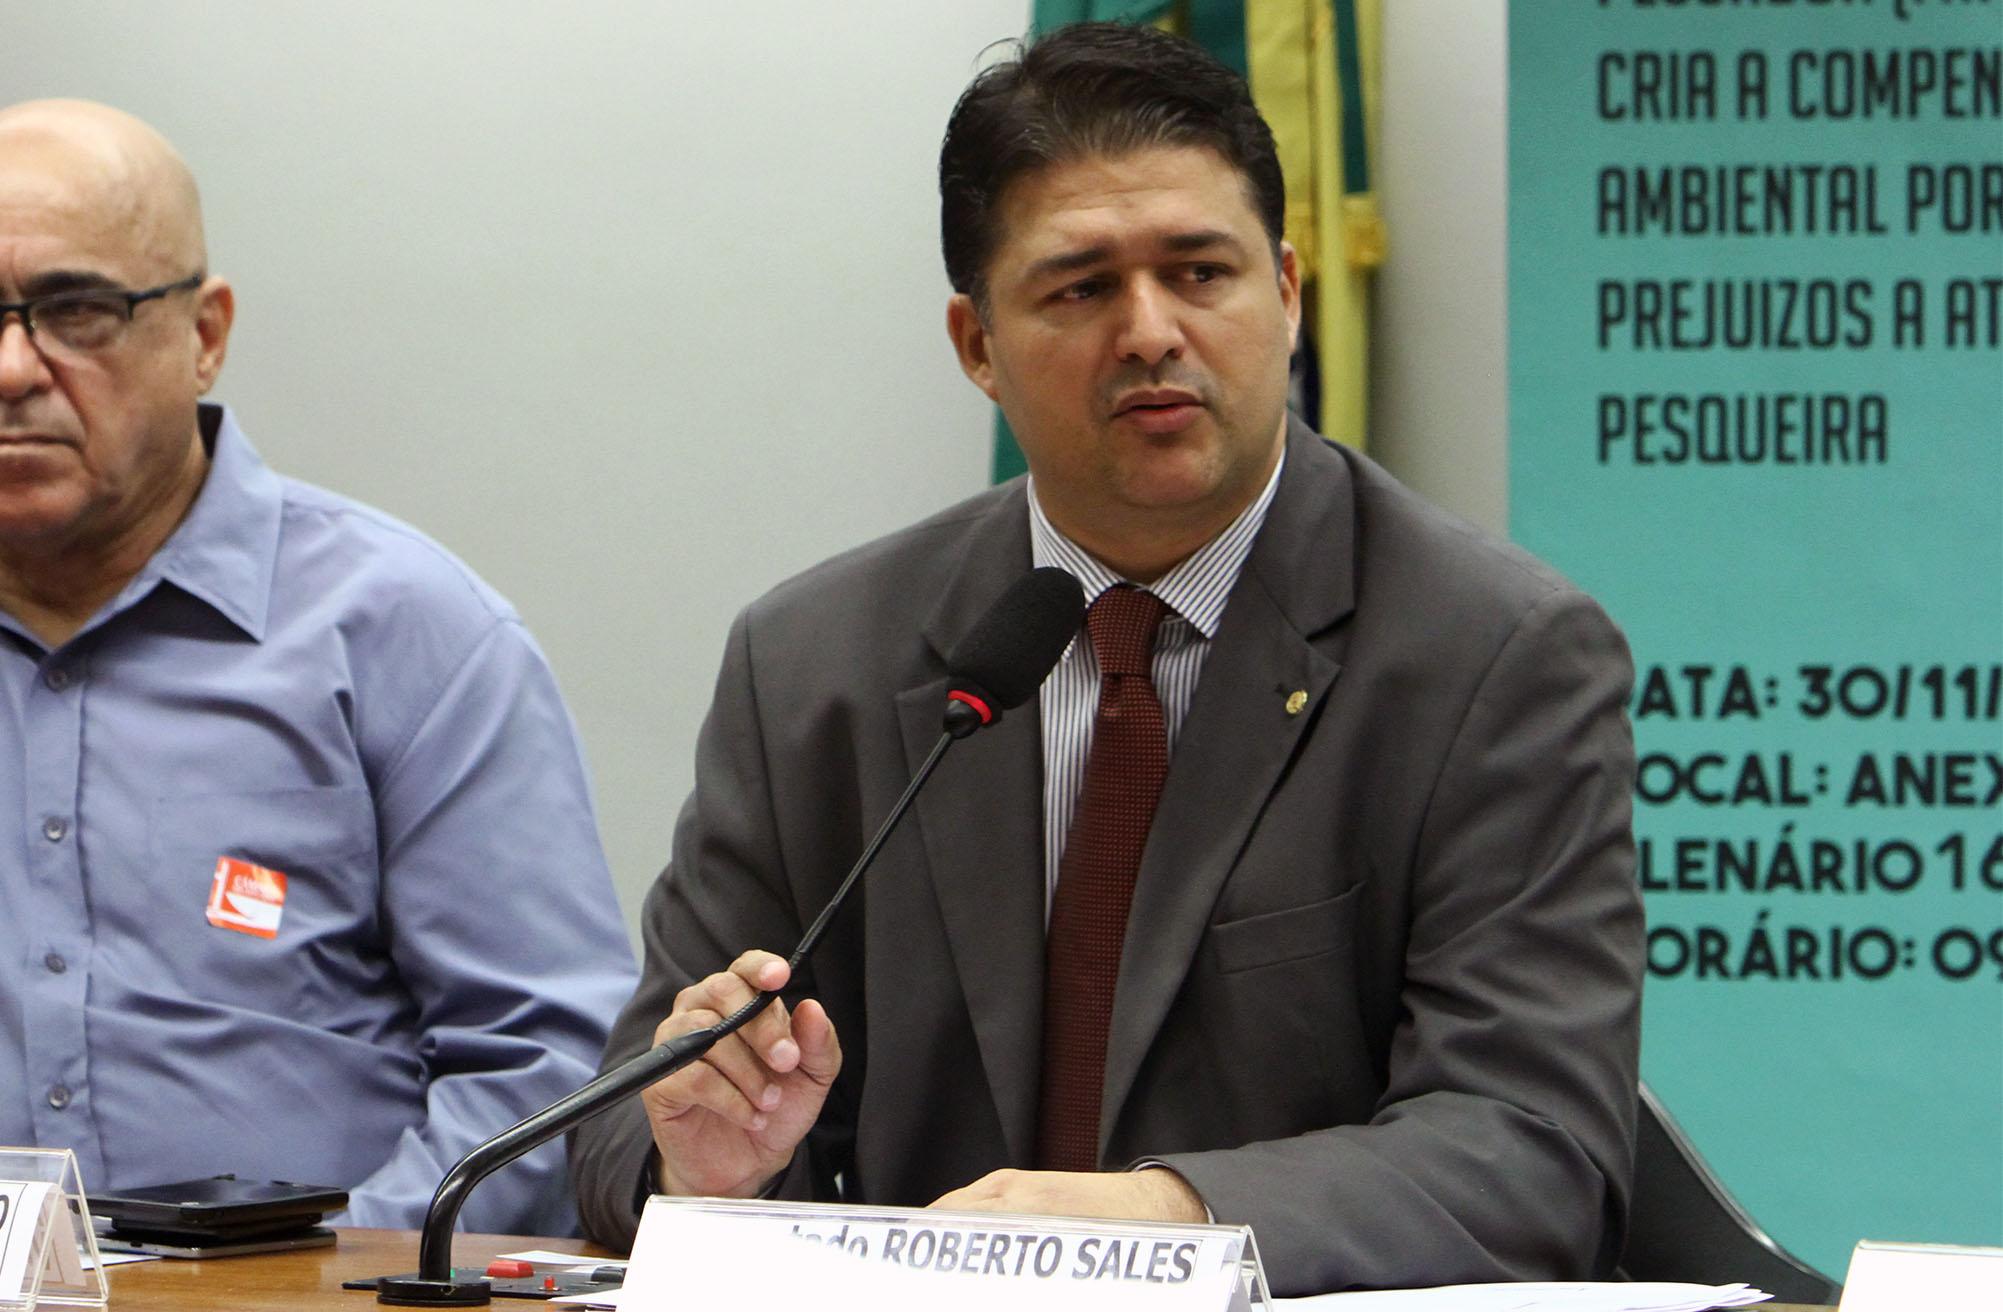 Audiência pública para discussão do PL 4.414/16, que institui o Fundo de Amparo ao Pescador (FAP) e cria a compensação ambiental por prejuízos a atividade pesqueira. Dep. Roberto Sales (PRB - RJ)